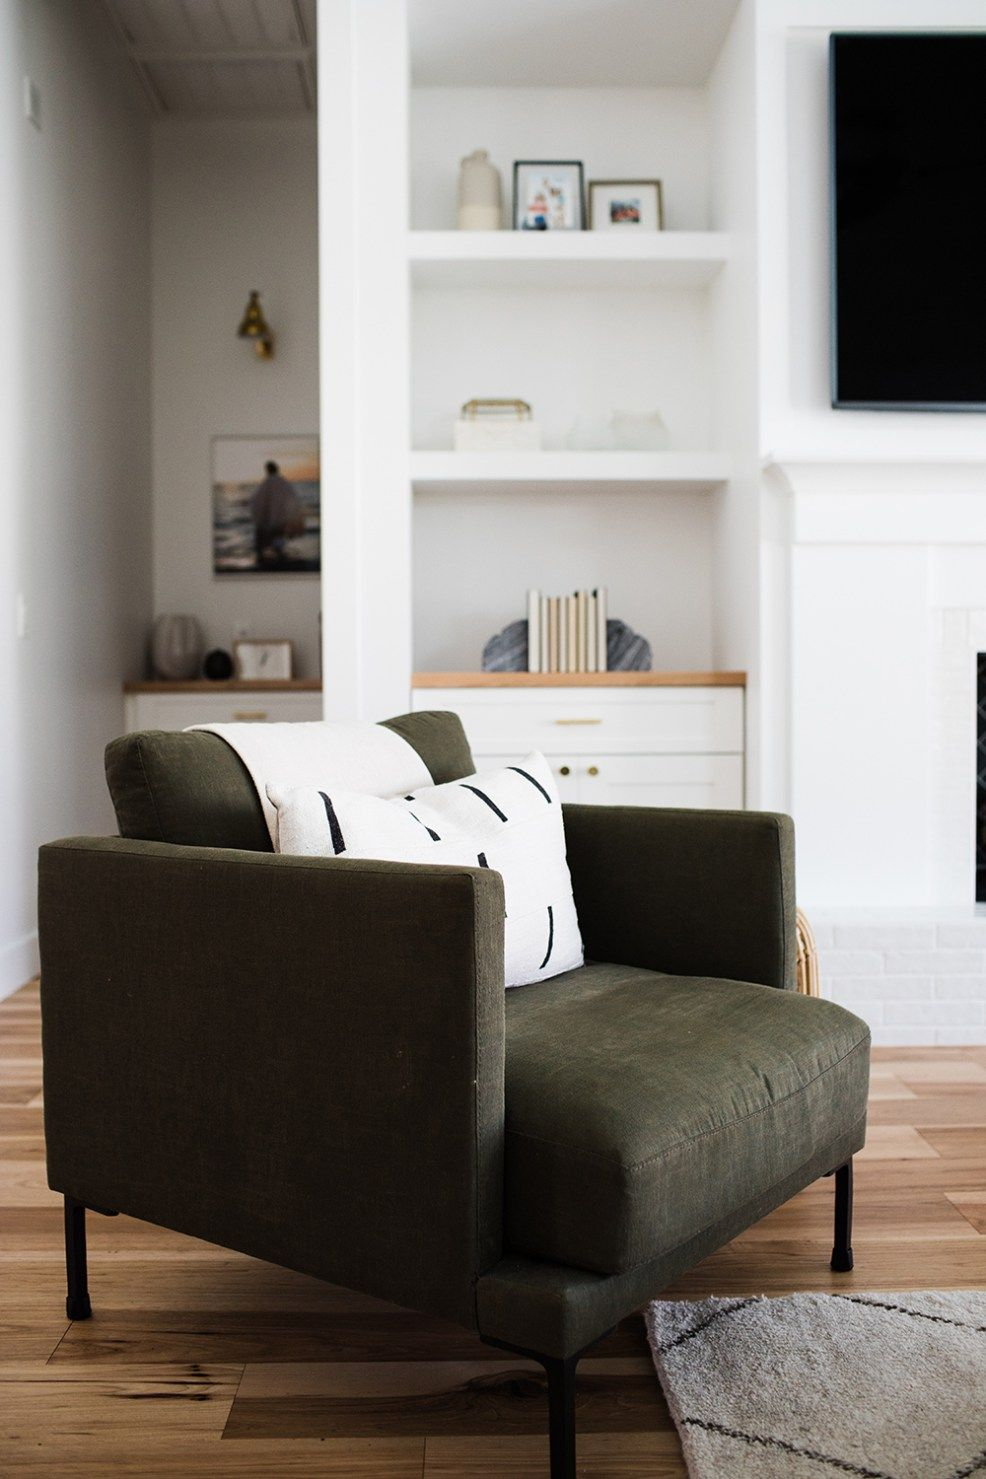 Interior design portfolio popular designers  interiors home  decor inspiration pinterest house and also rh